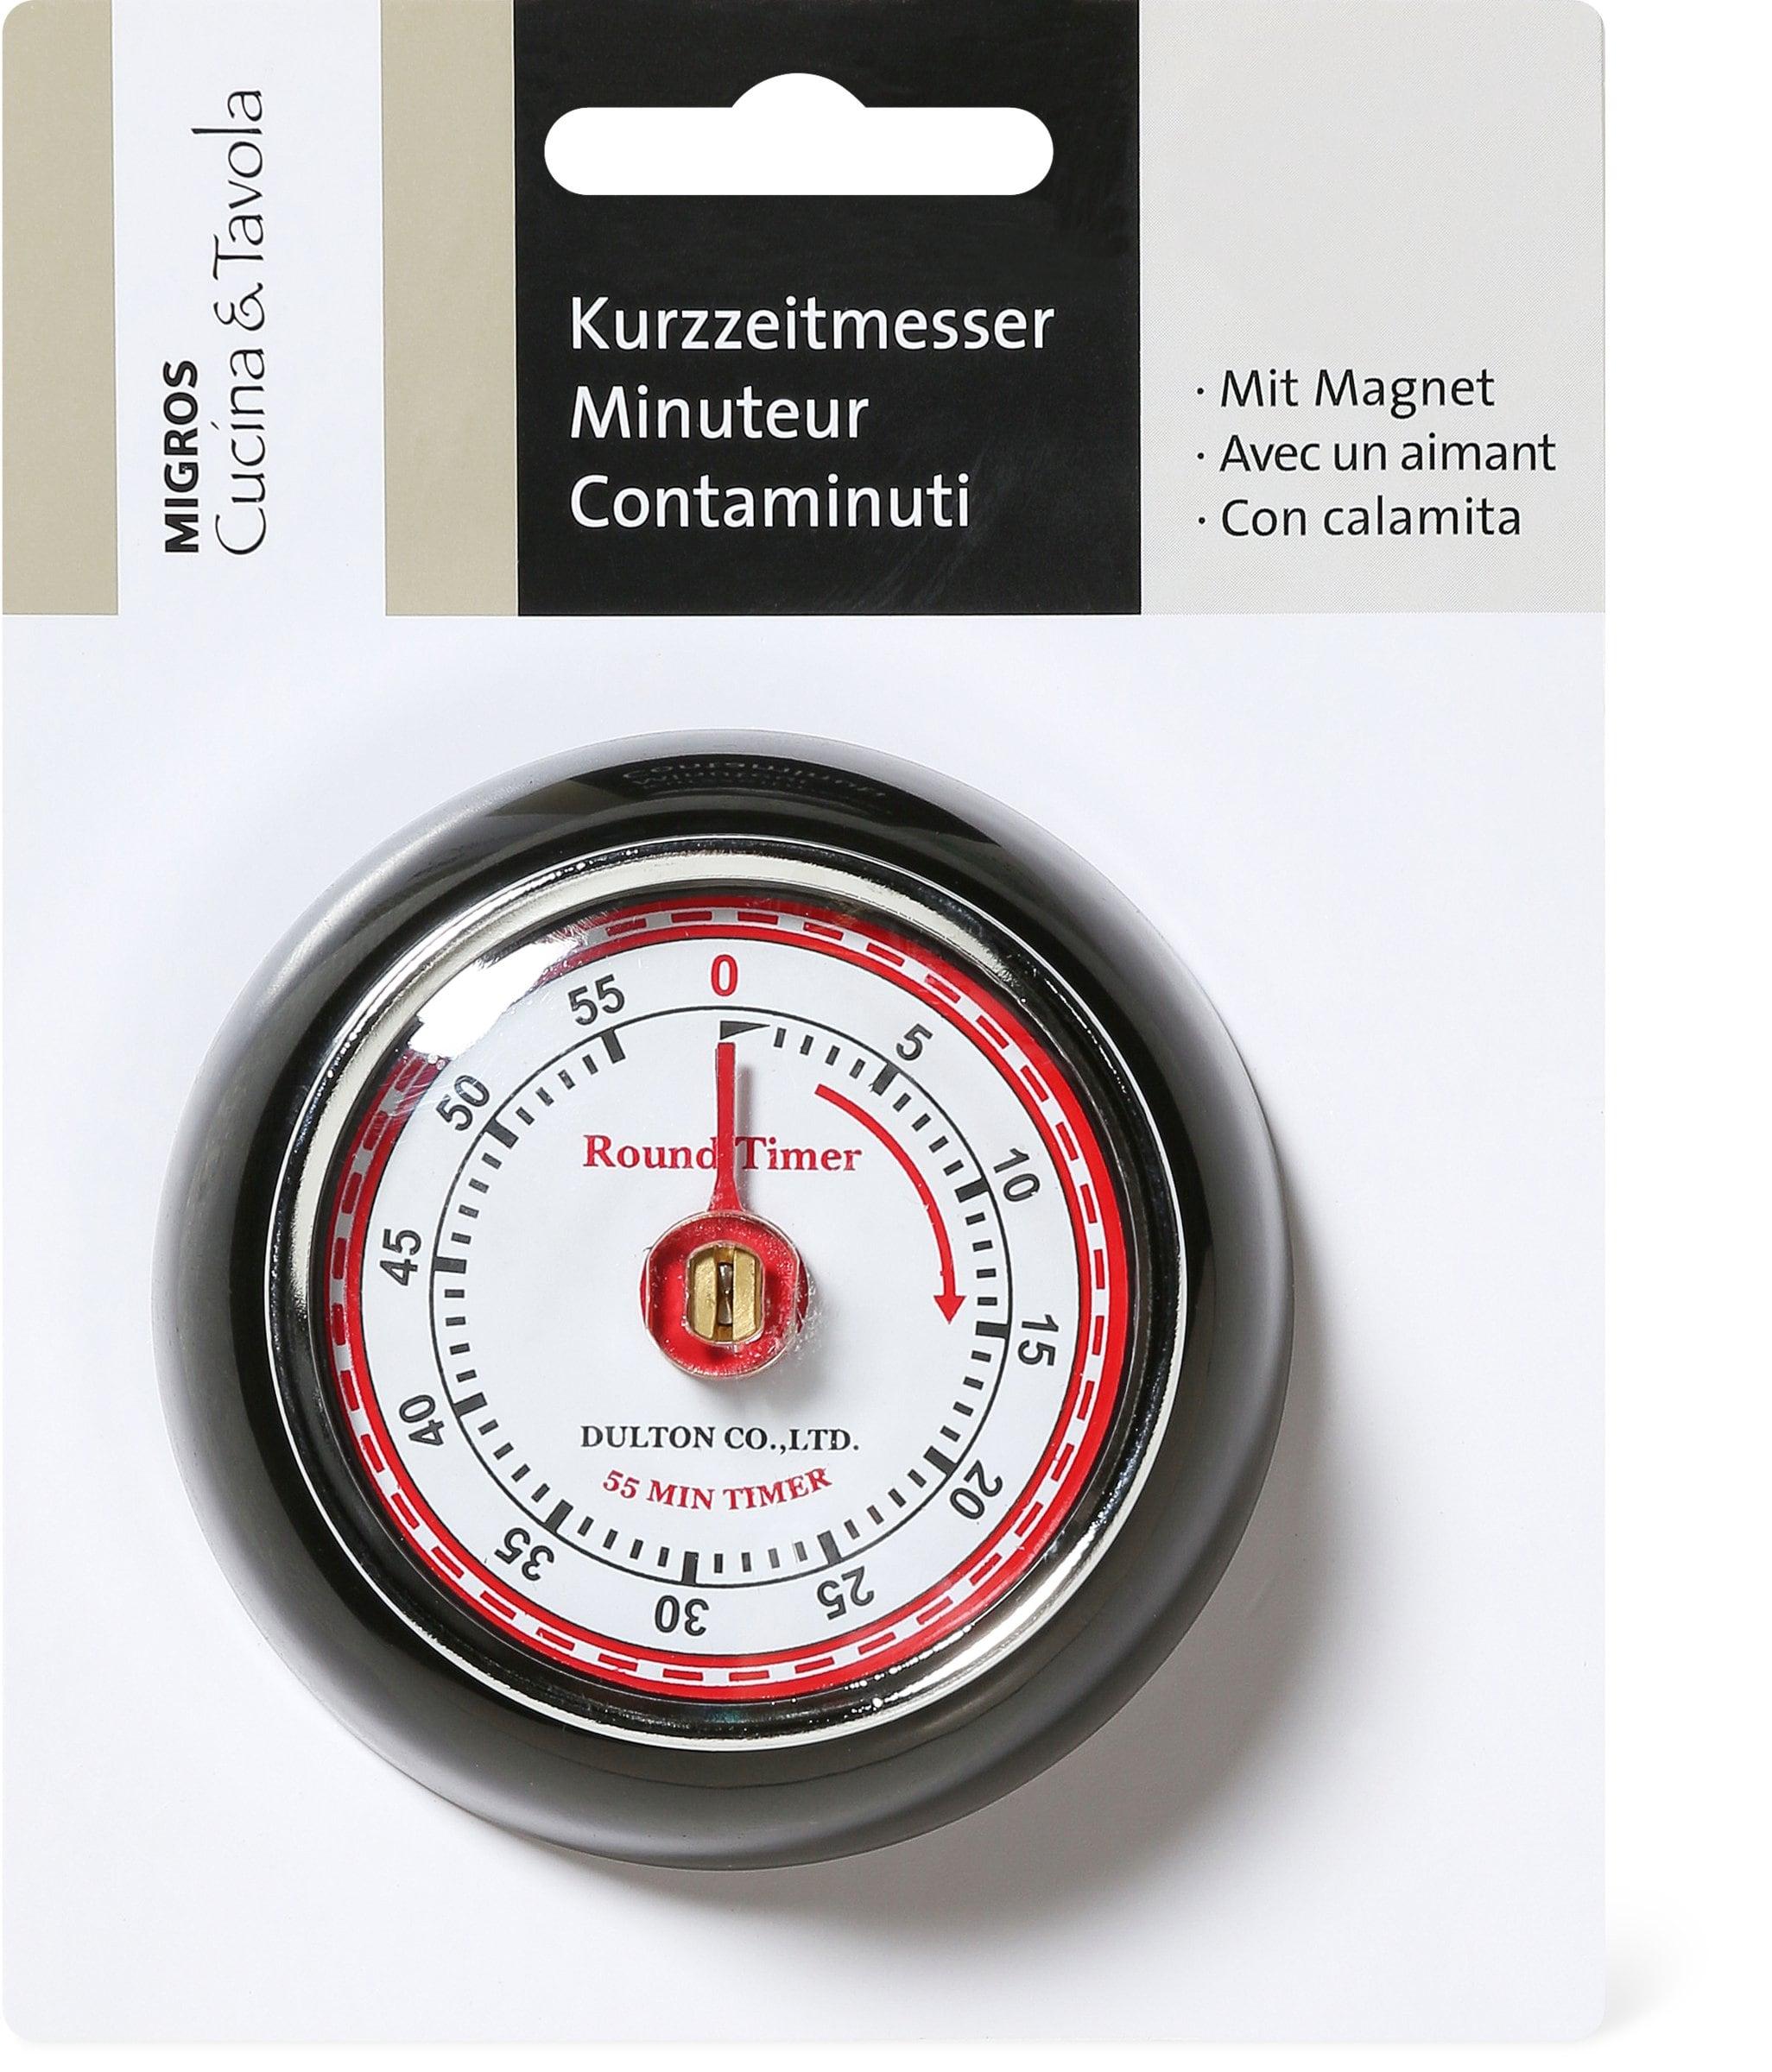 Cucina & Tavola Kurzzeitmesser